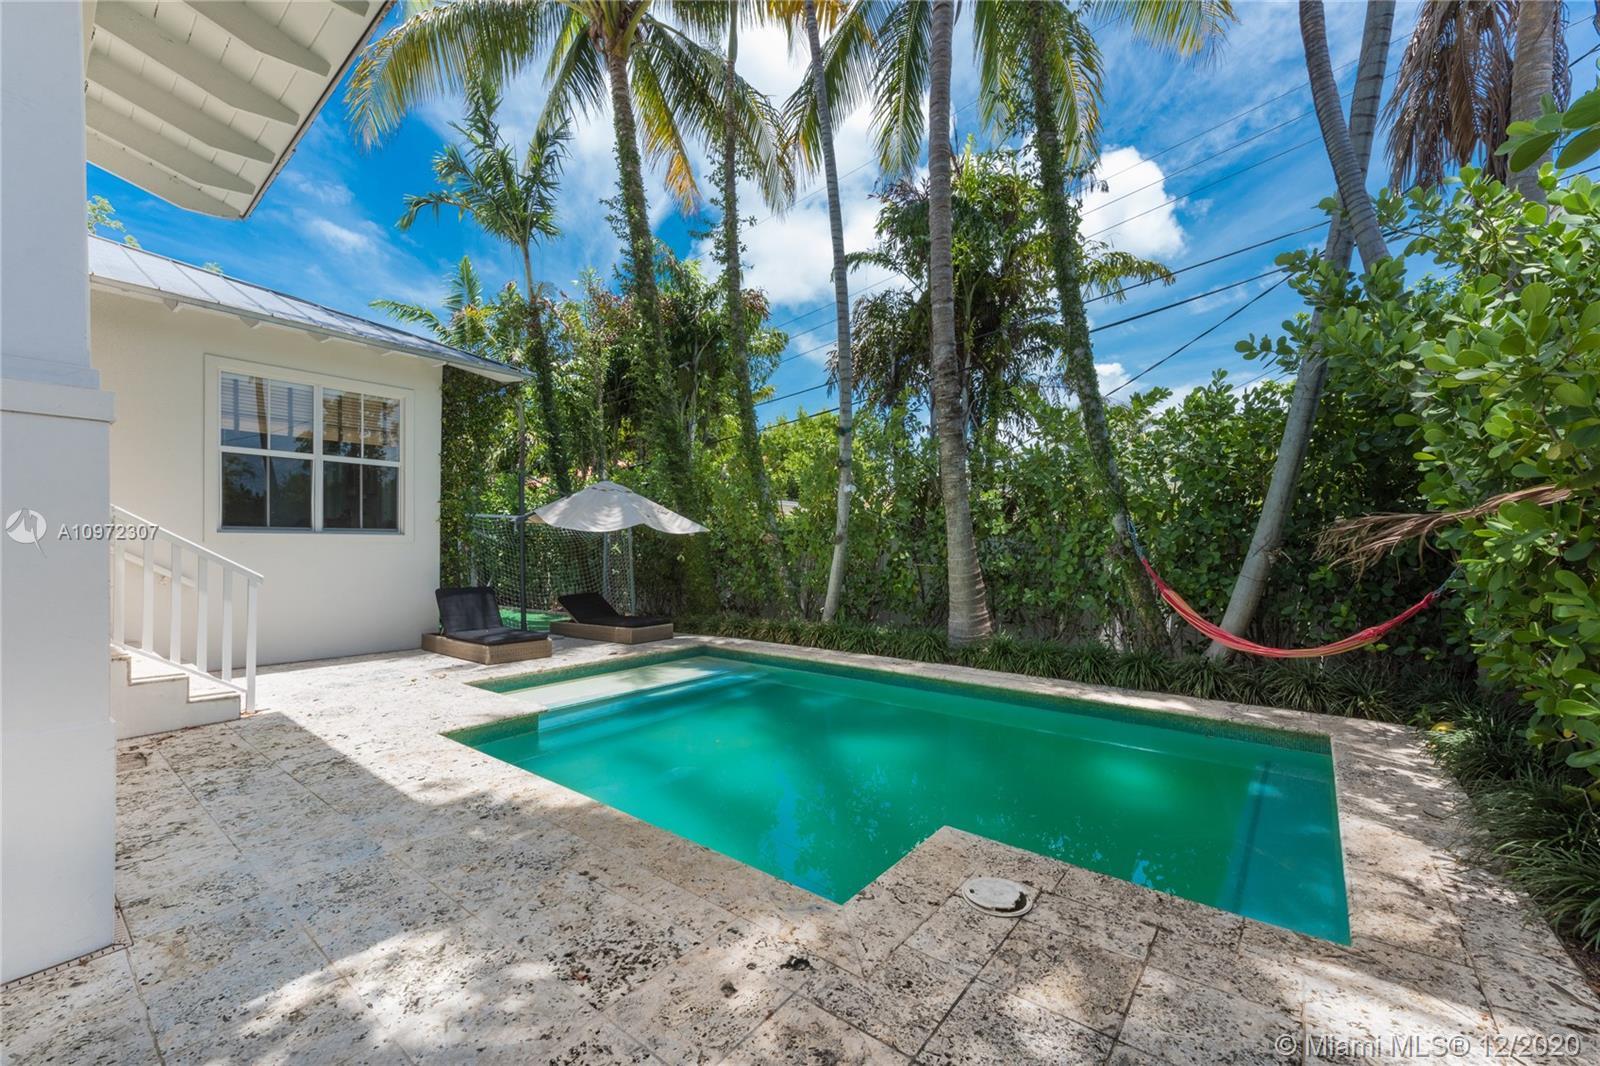 Tropical Isle Homes # photo04